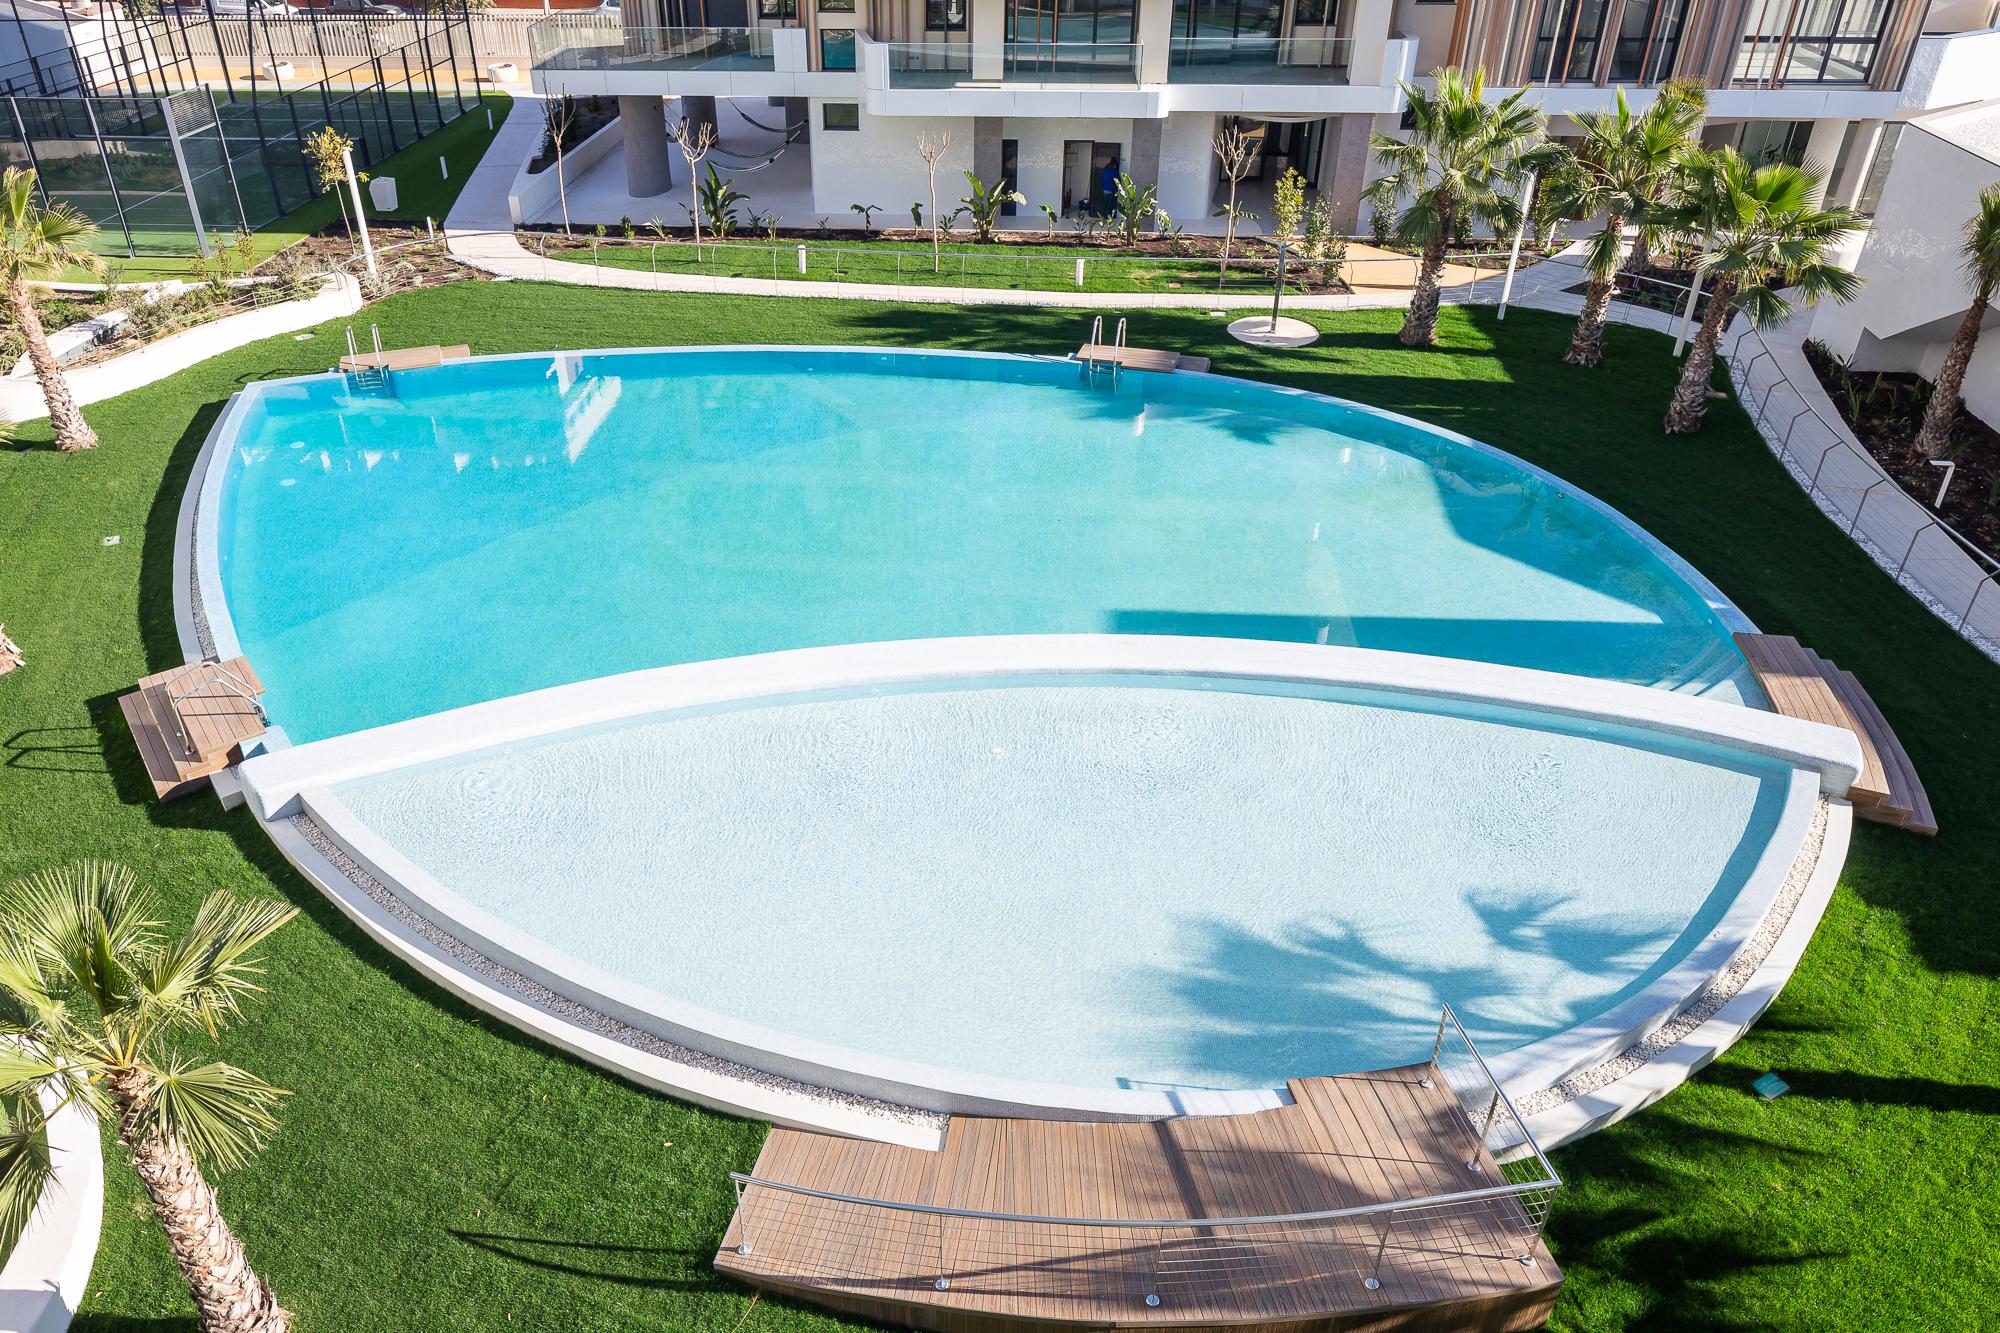 Zona de piscina en forma de gota rodeada de césped. Residencial Nature by Kronos Homes